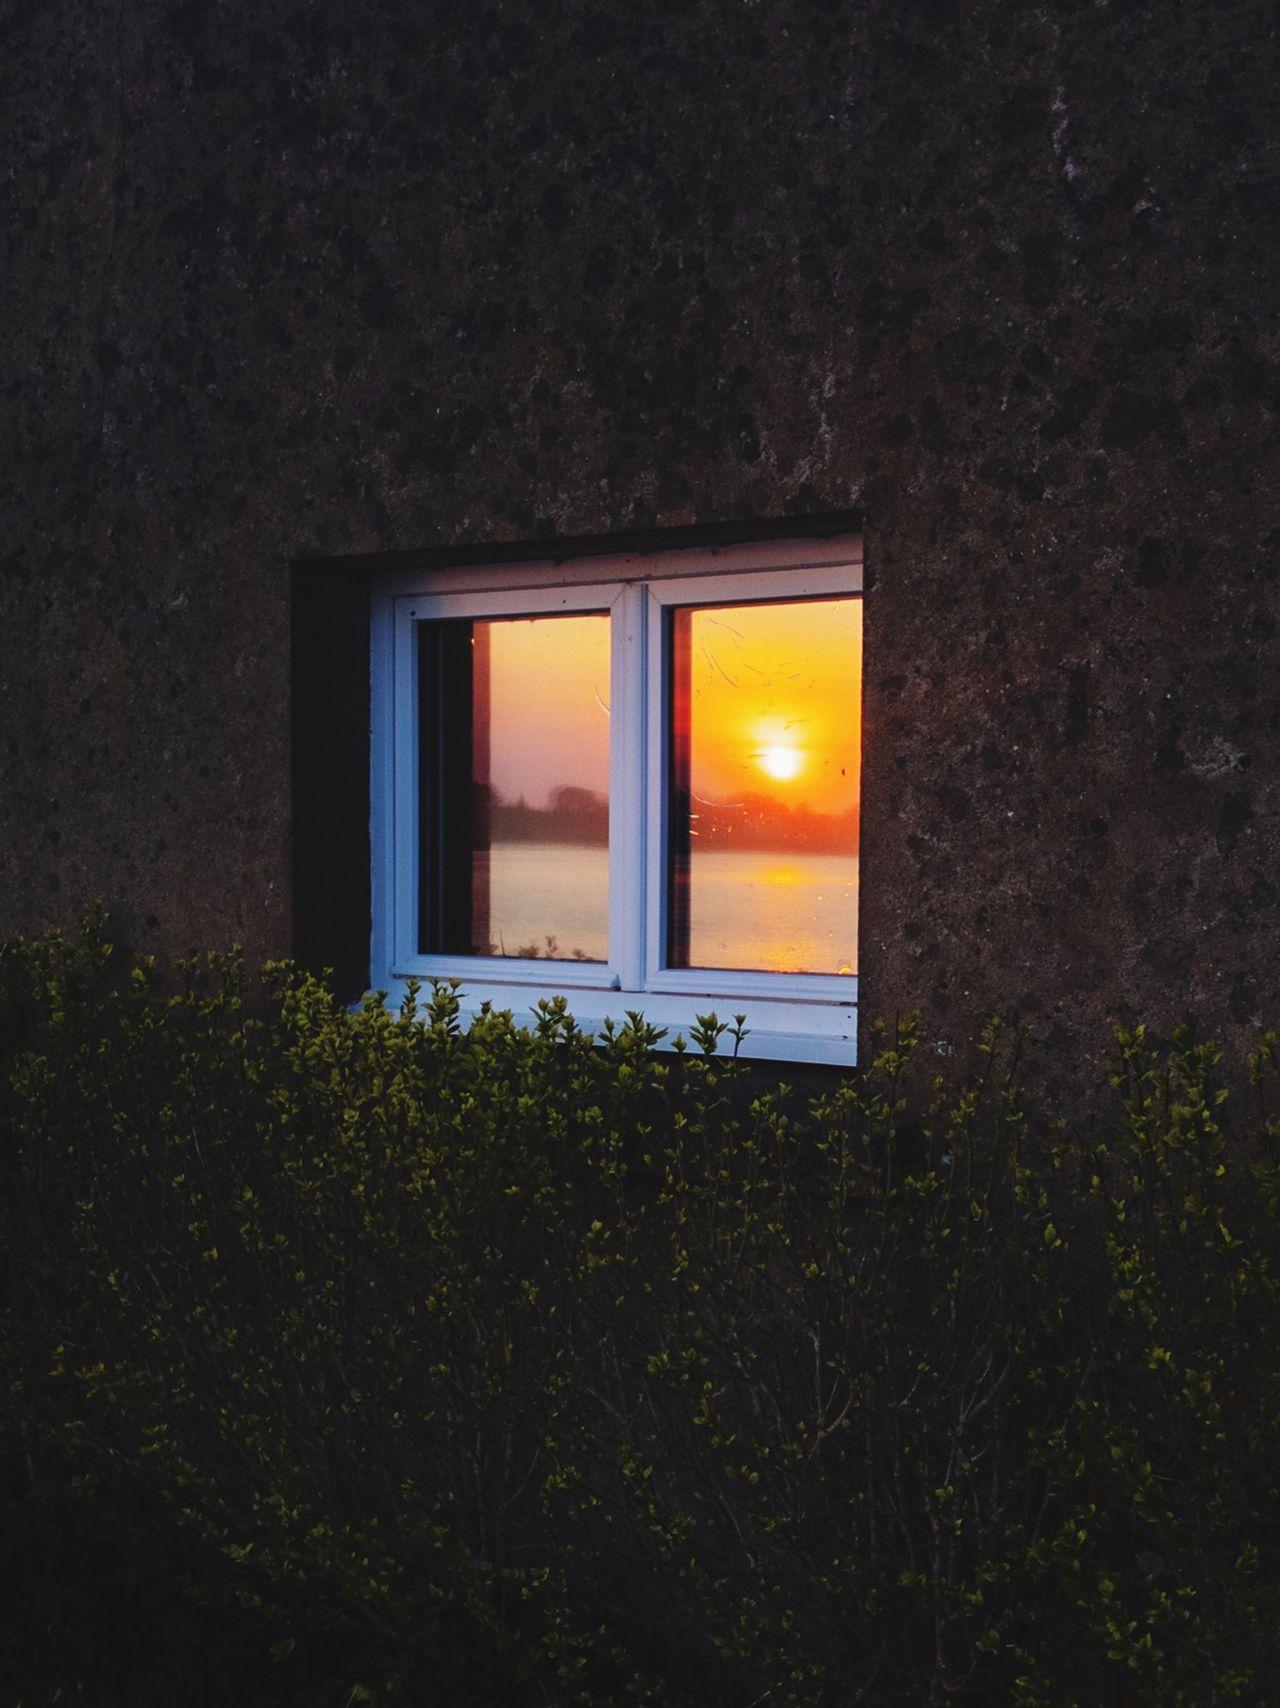 plant, window, architecture, sunset, built structure